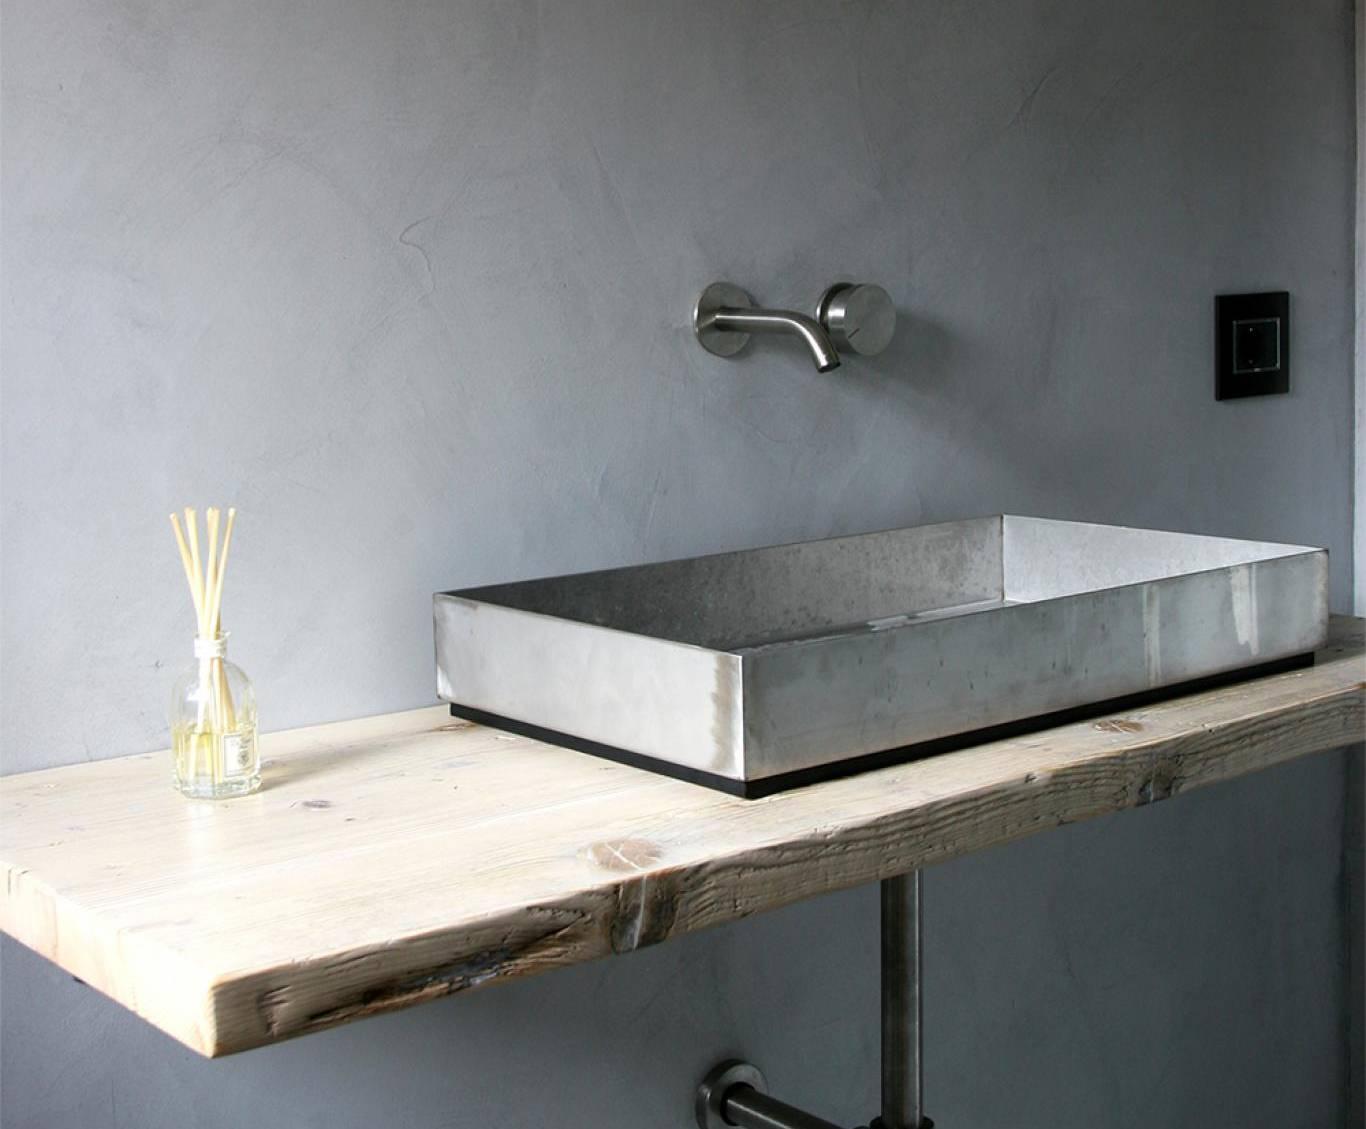 Ristrutturazione Completa Del Bagno : Ristrutturazione completa bagni finitura pareti e pavimenti in